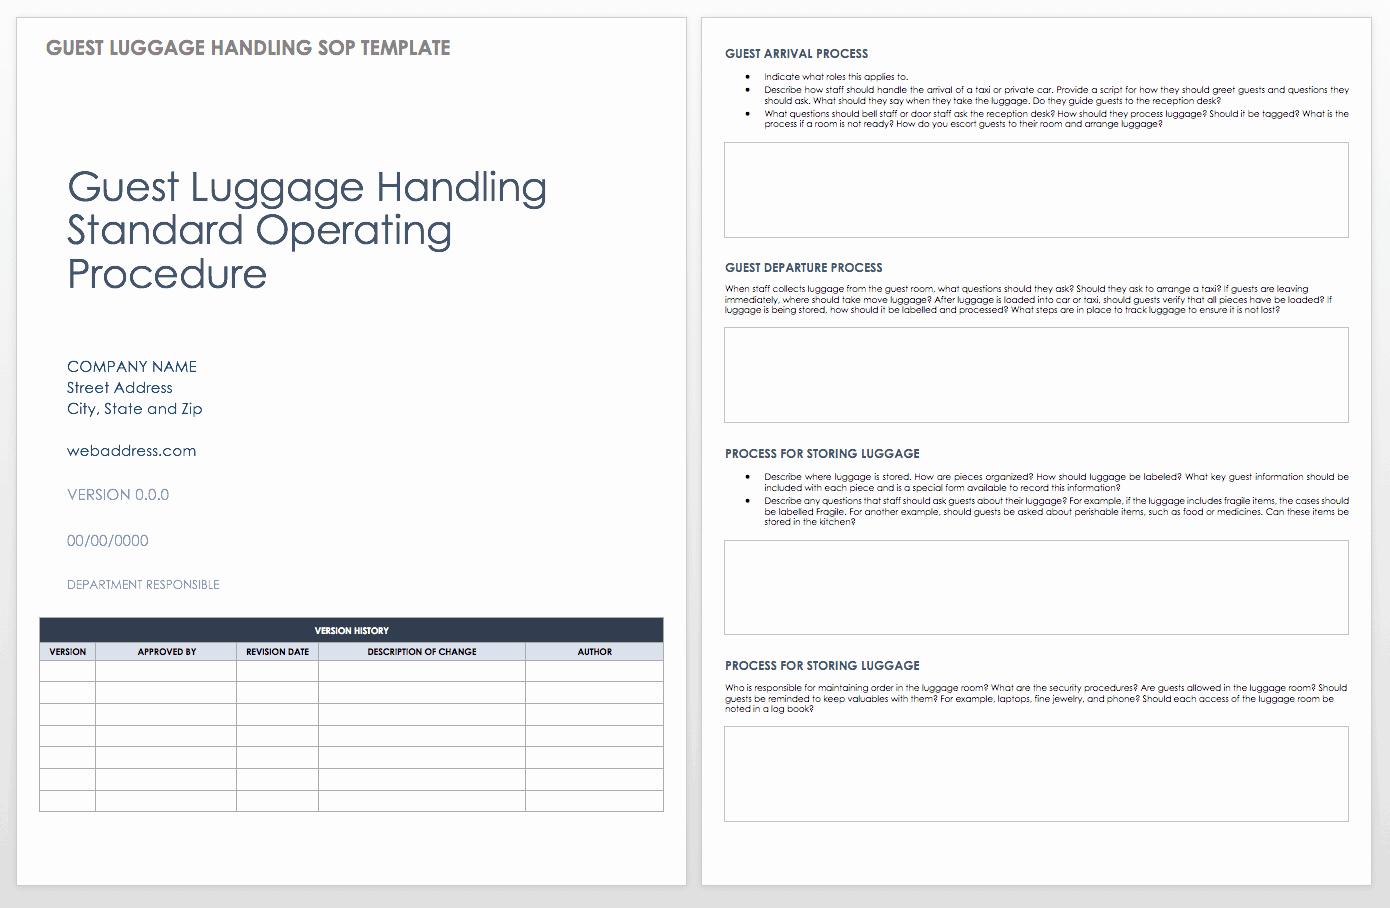 Standard Operating Procedure Example Best Of Standard Operating Procedures Templates